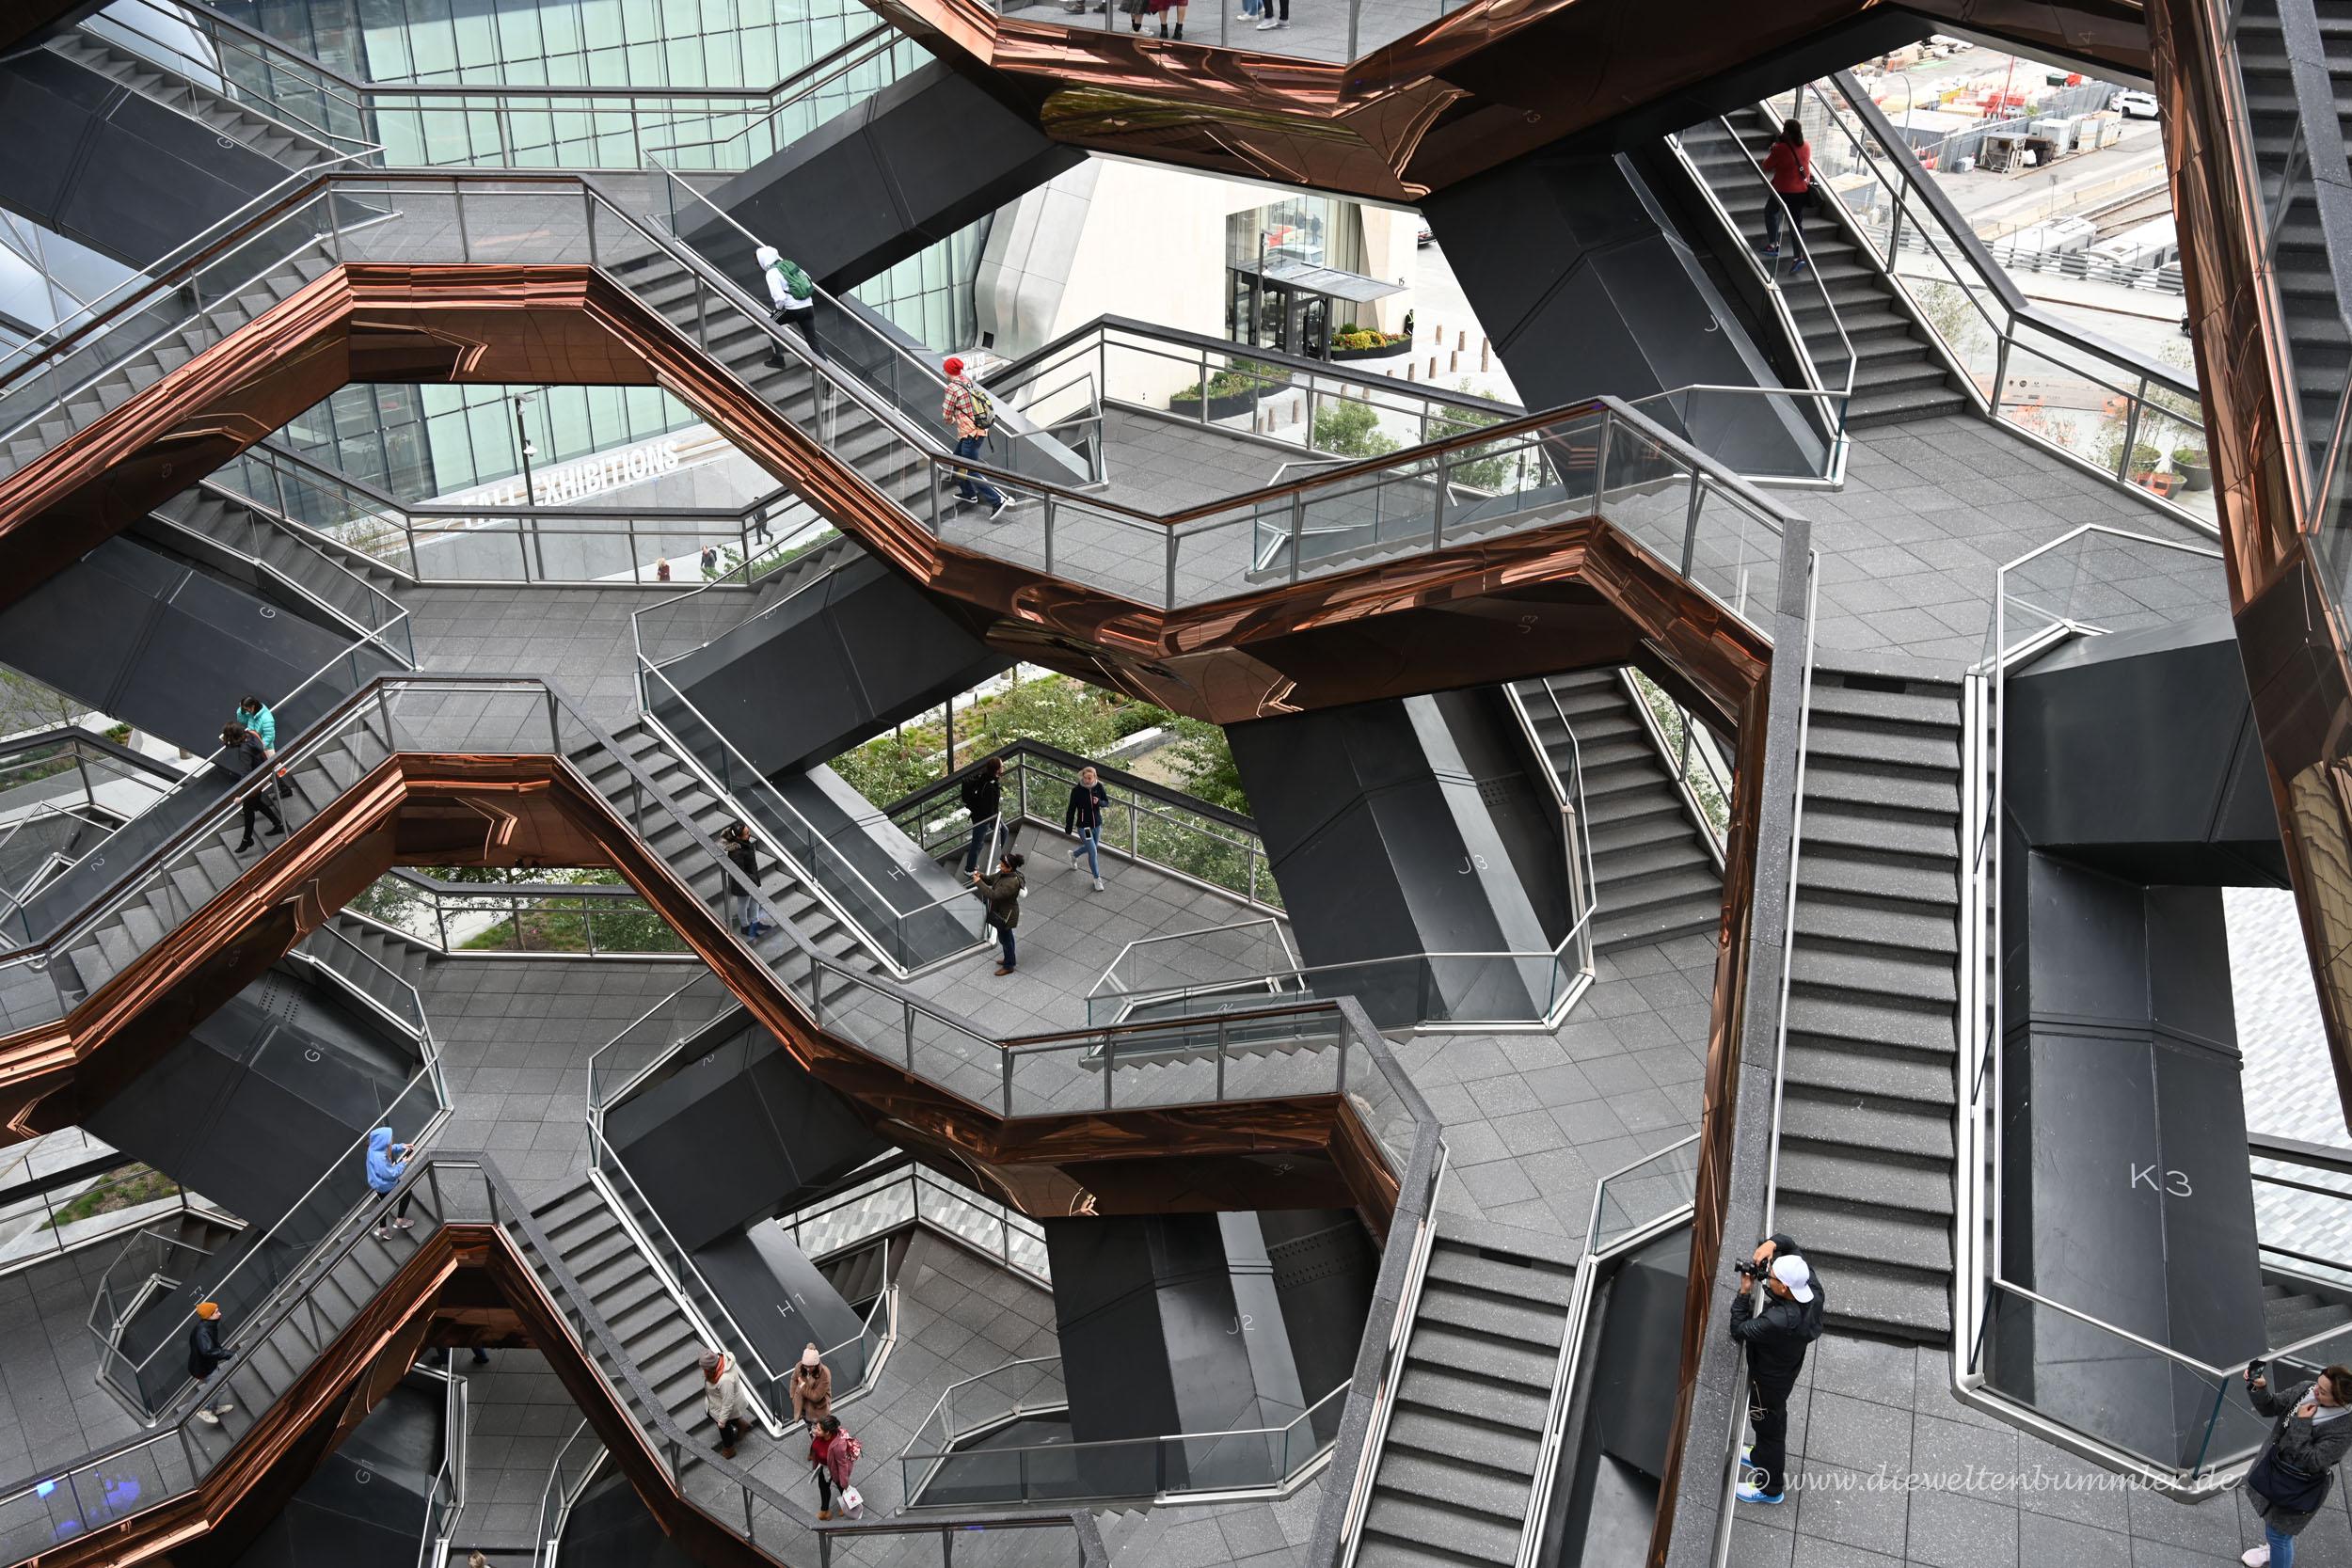 Erinnert an Escher